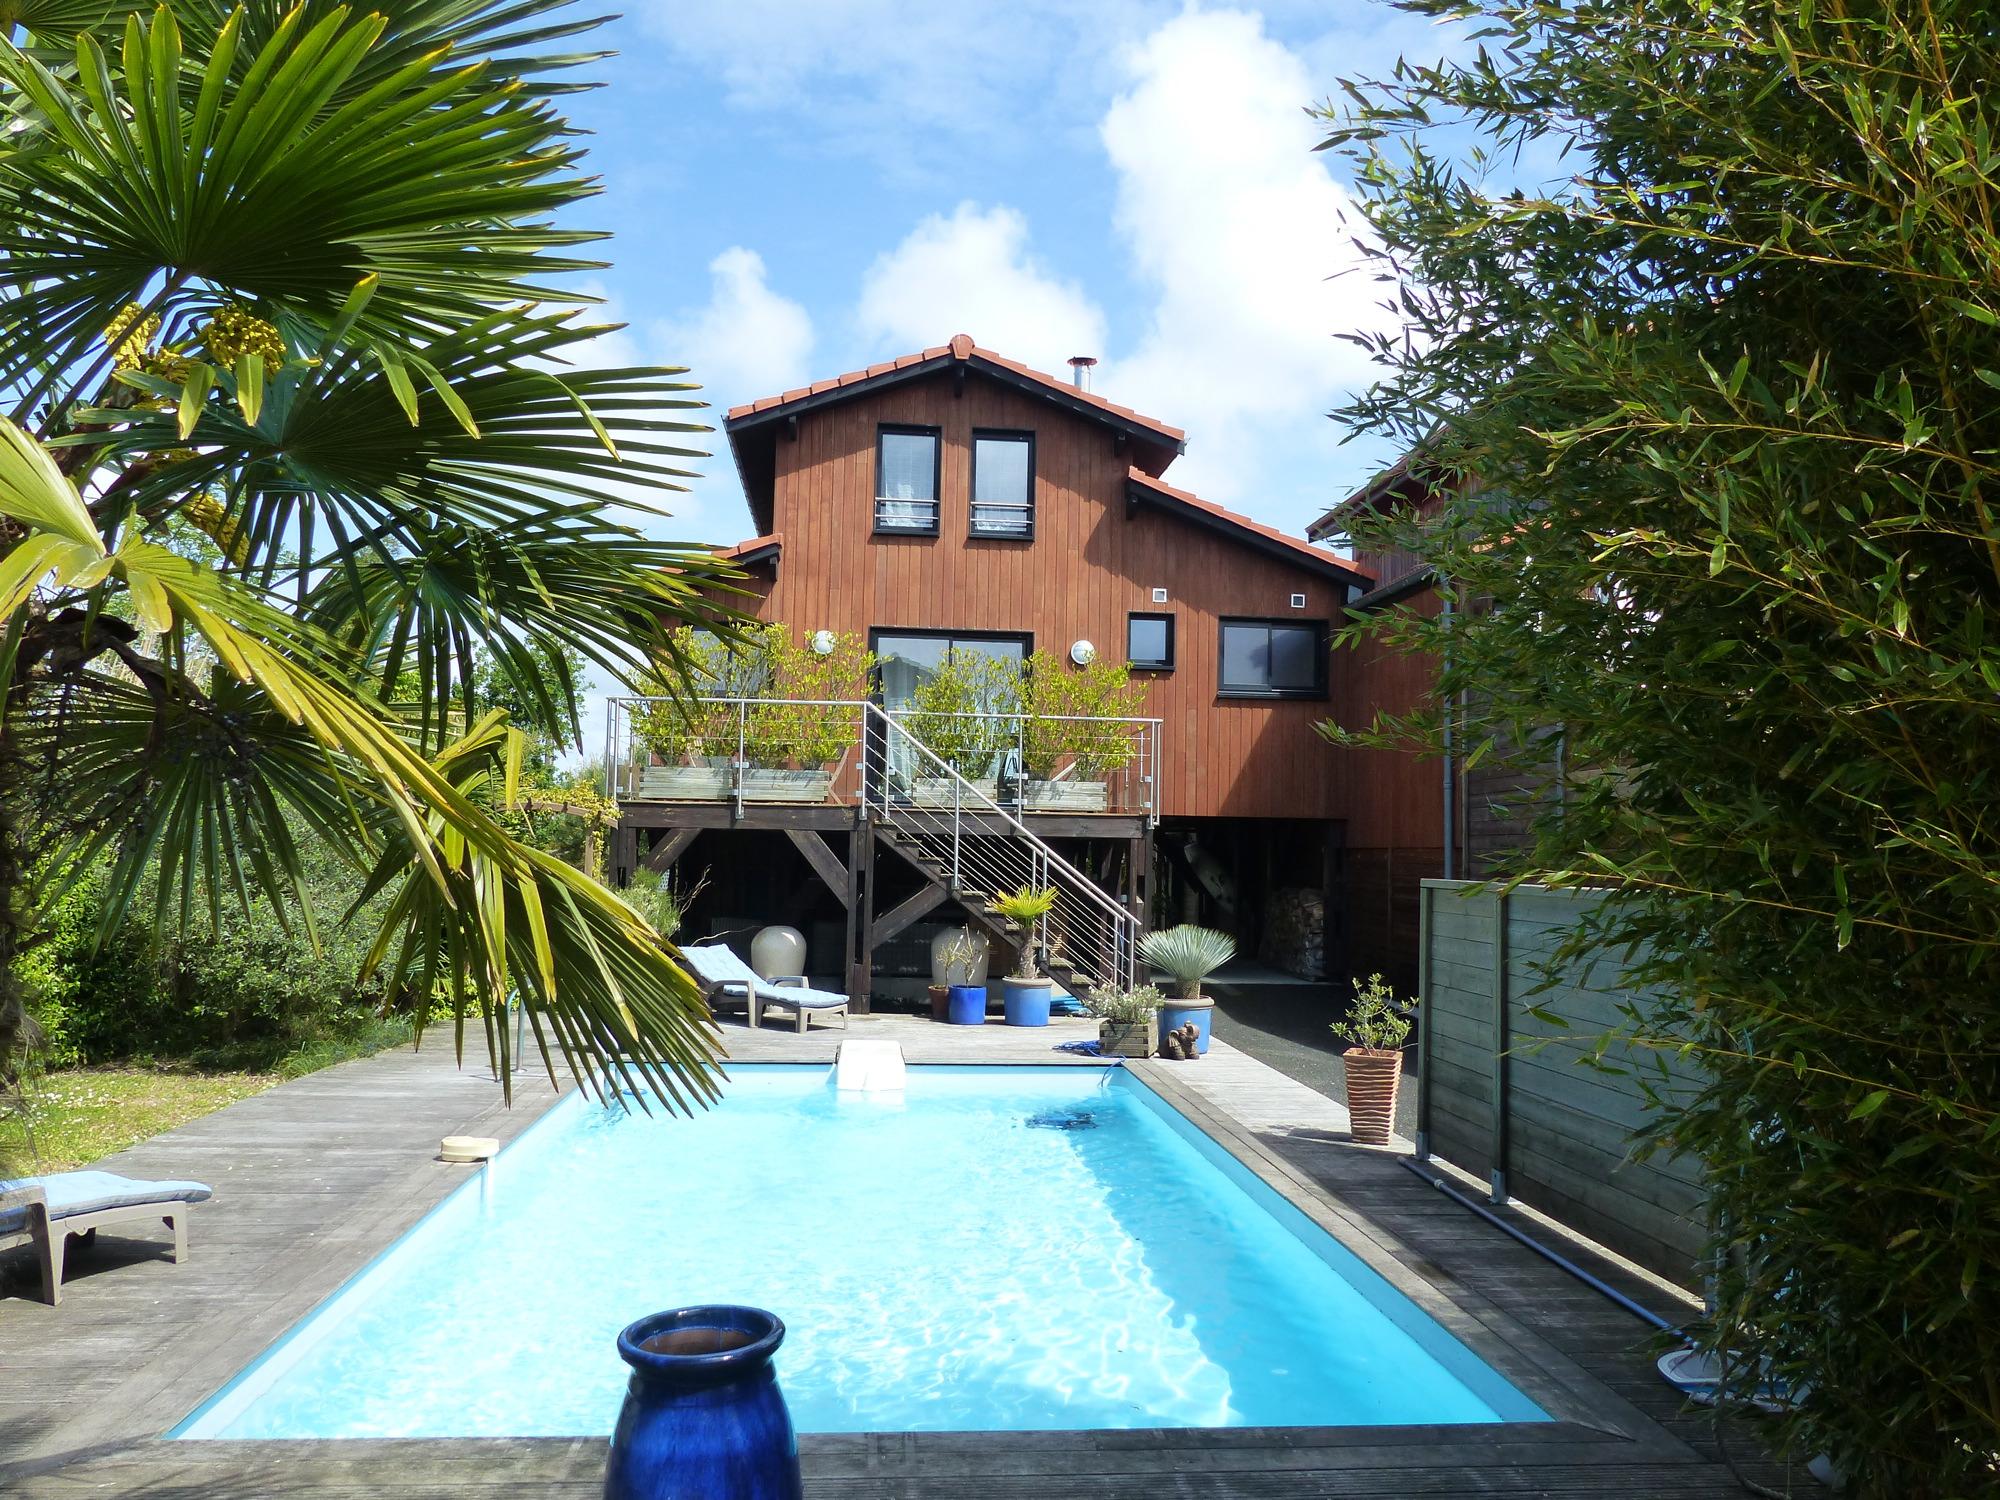 Bassin d 39 arcachon environnement exceptionnel villa bois for Piscine arcachon